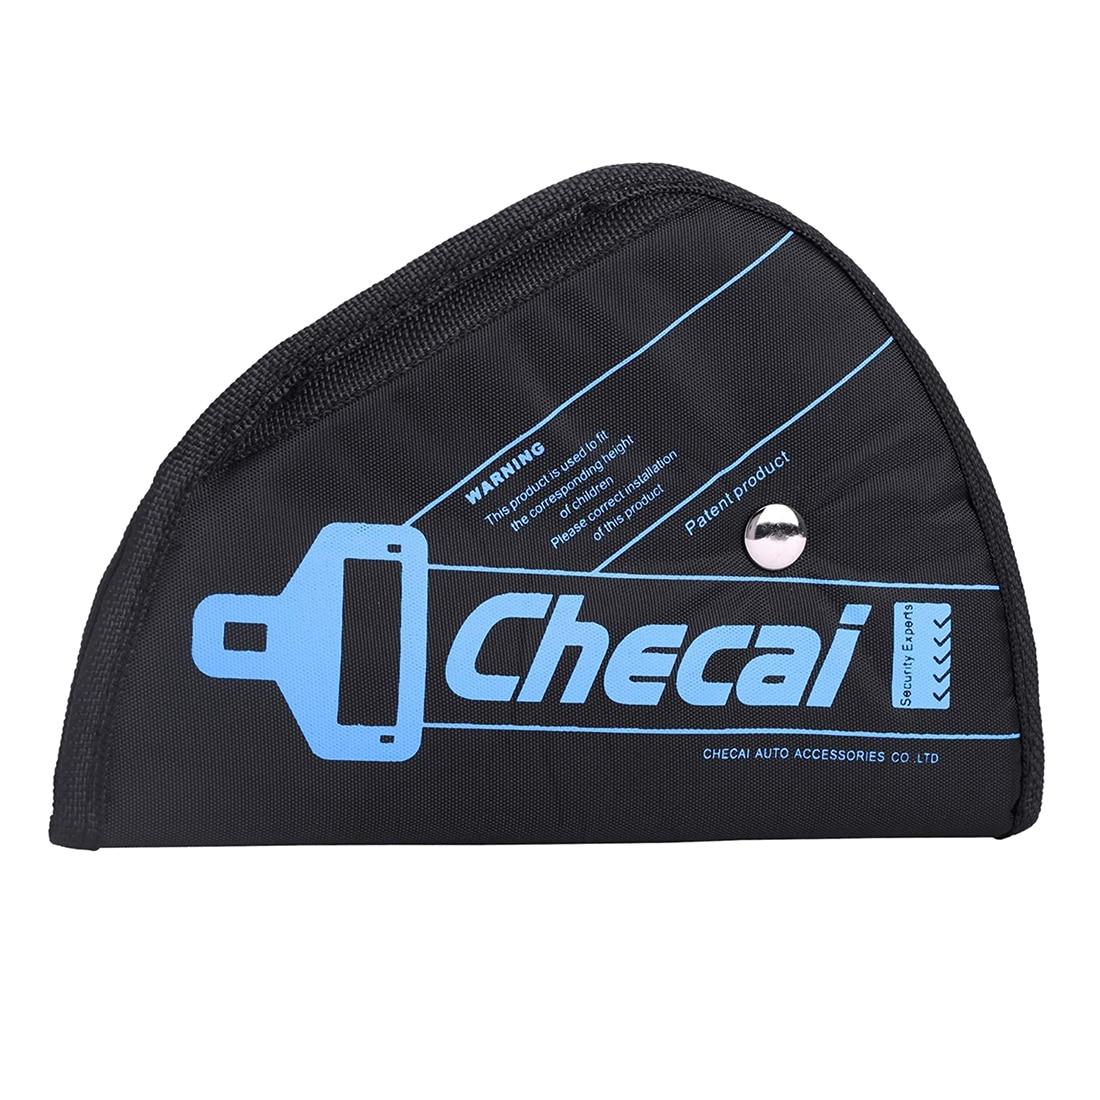 CHECAI Child Kids Baby Adjustment Auto Car Belt Adjuster Safety Seat Belt Positioner Black/blue/pink